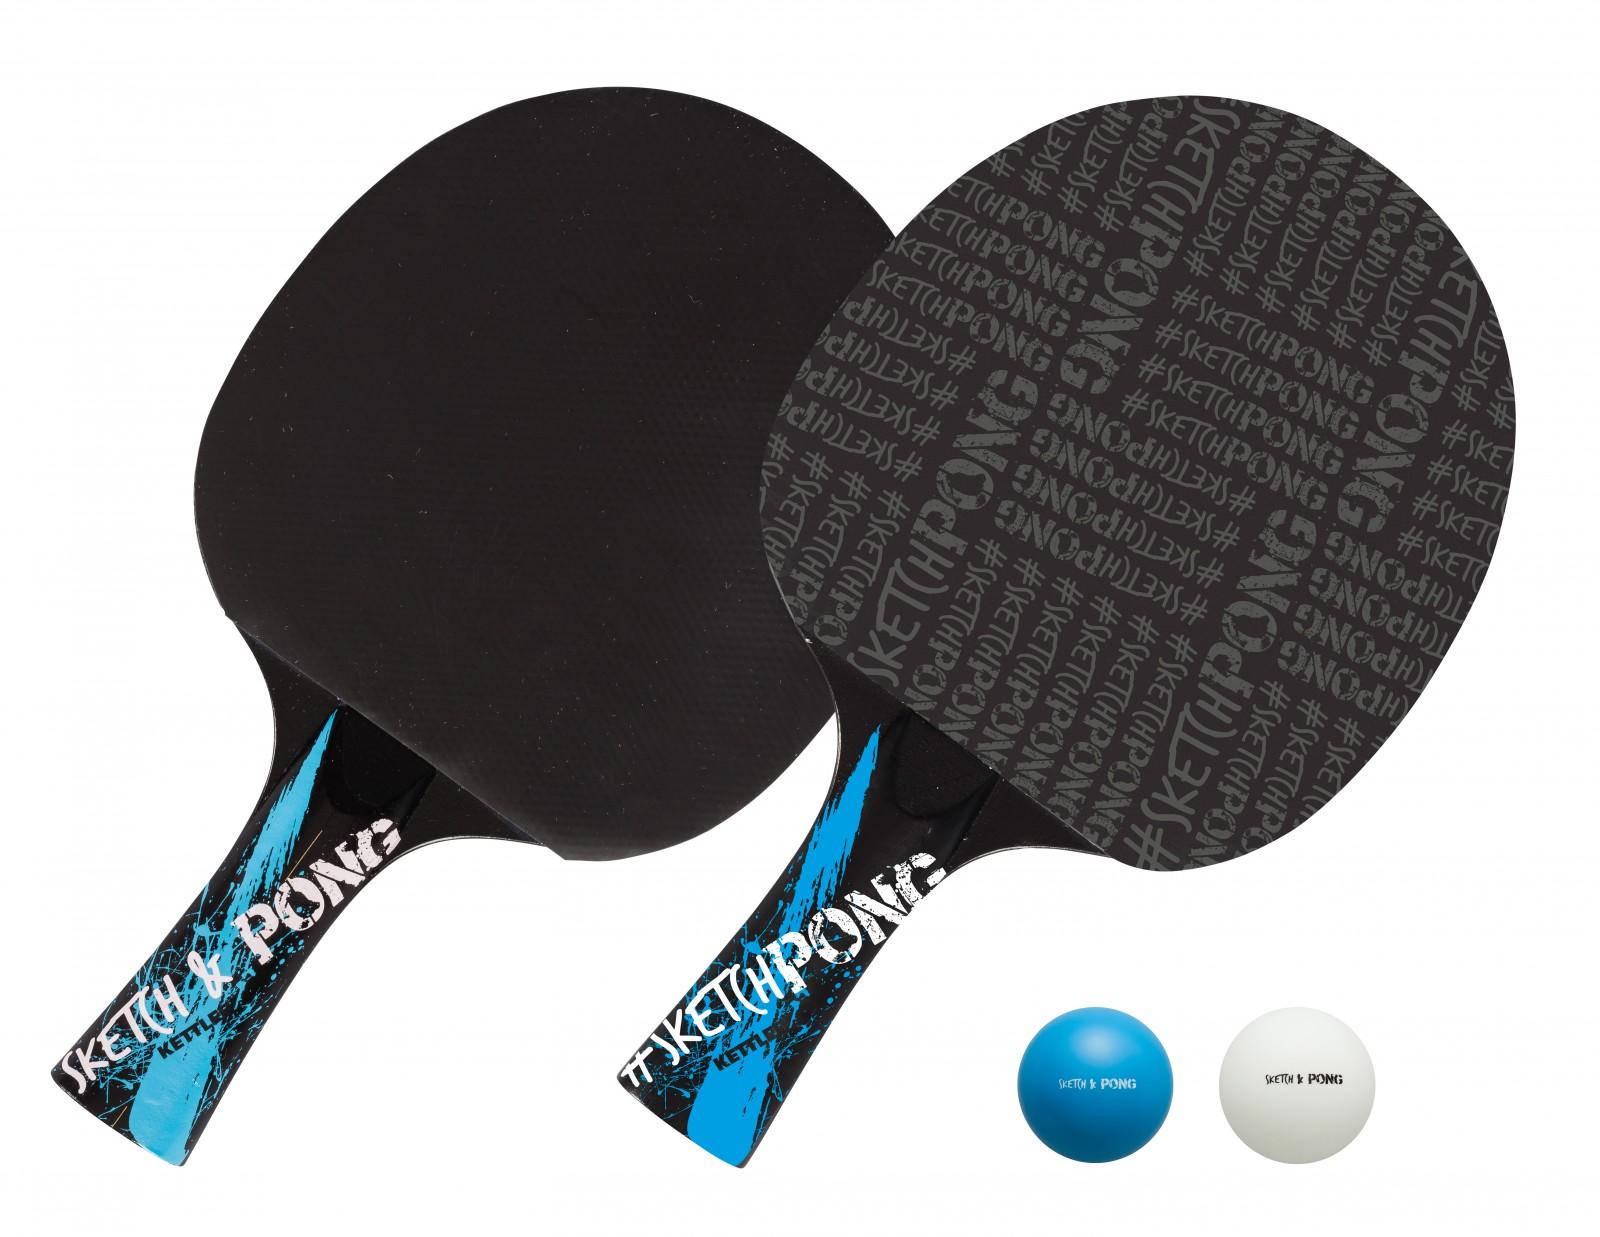 kettler table tennis racket set sketchpong sport tiedje. Black Bedroom Furniture Sets. Home Design Ideas